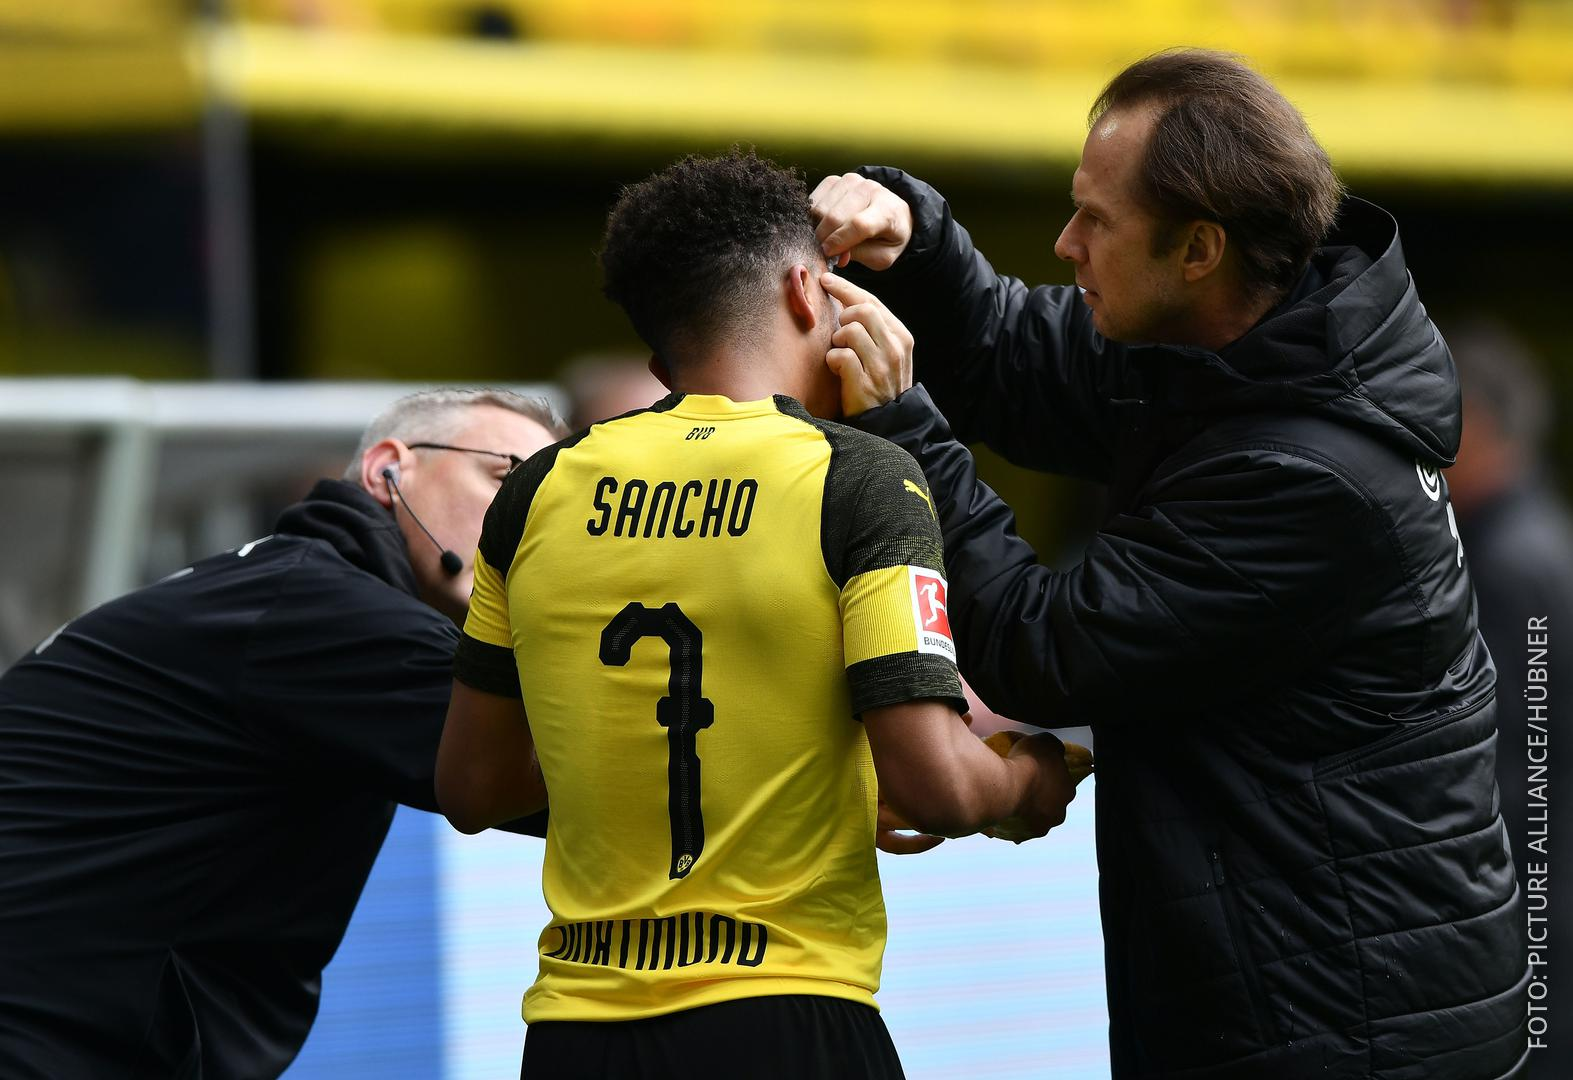 Dortmunds Spieler Sancho wird medizinisch behandelt